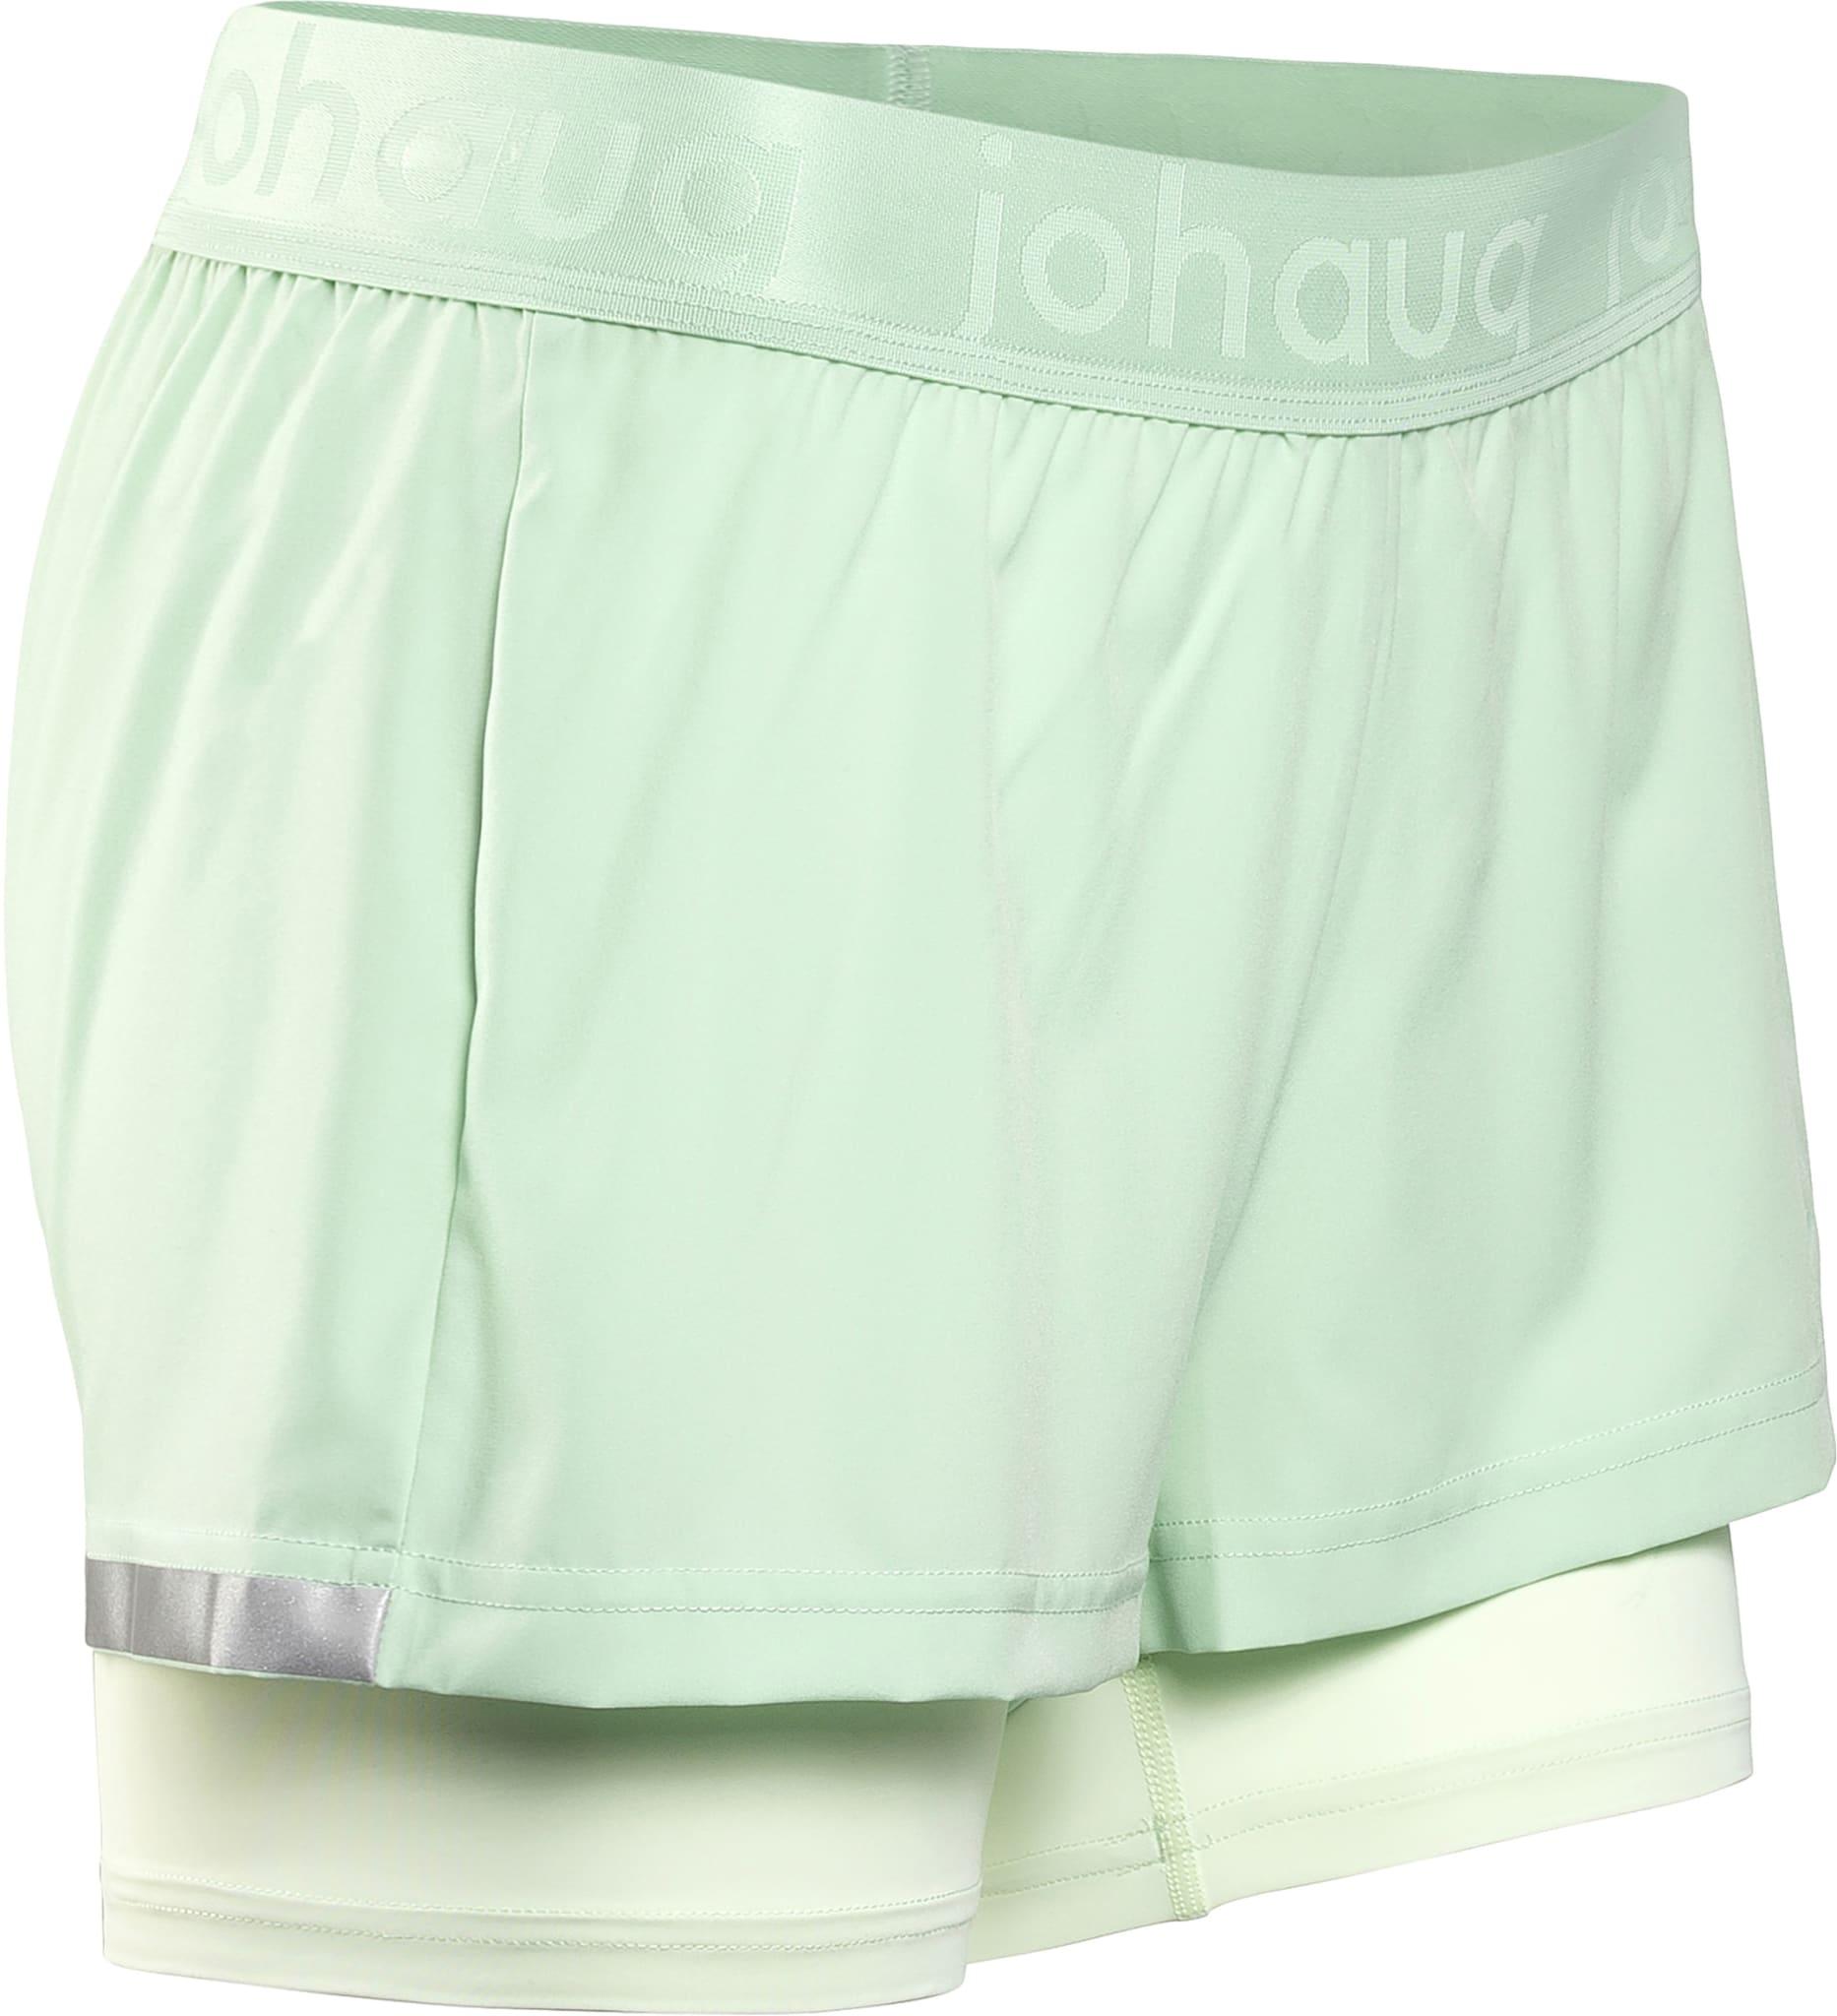 Lett, strechy og teknisk 2-i-1 trenings shorts